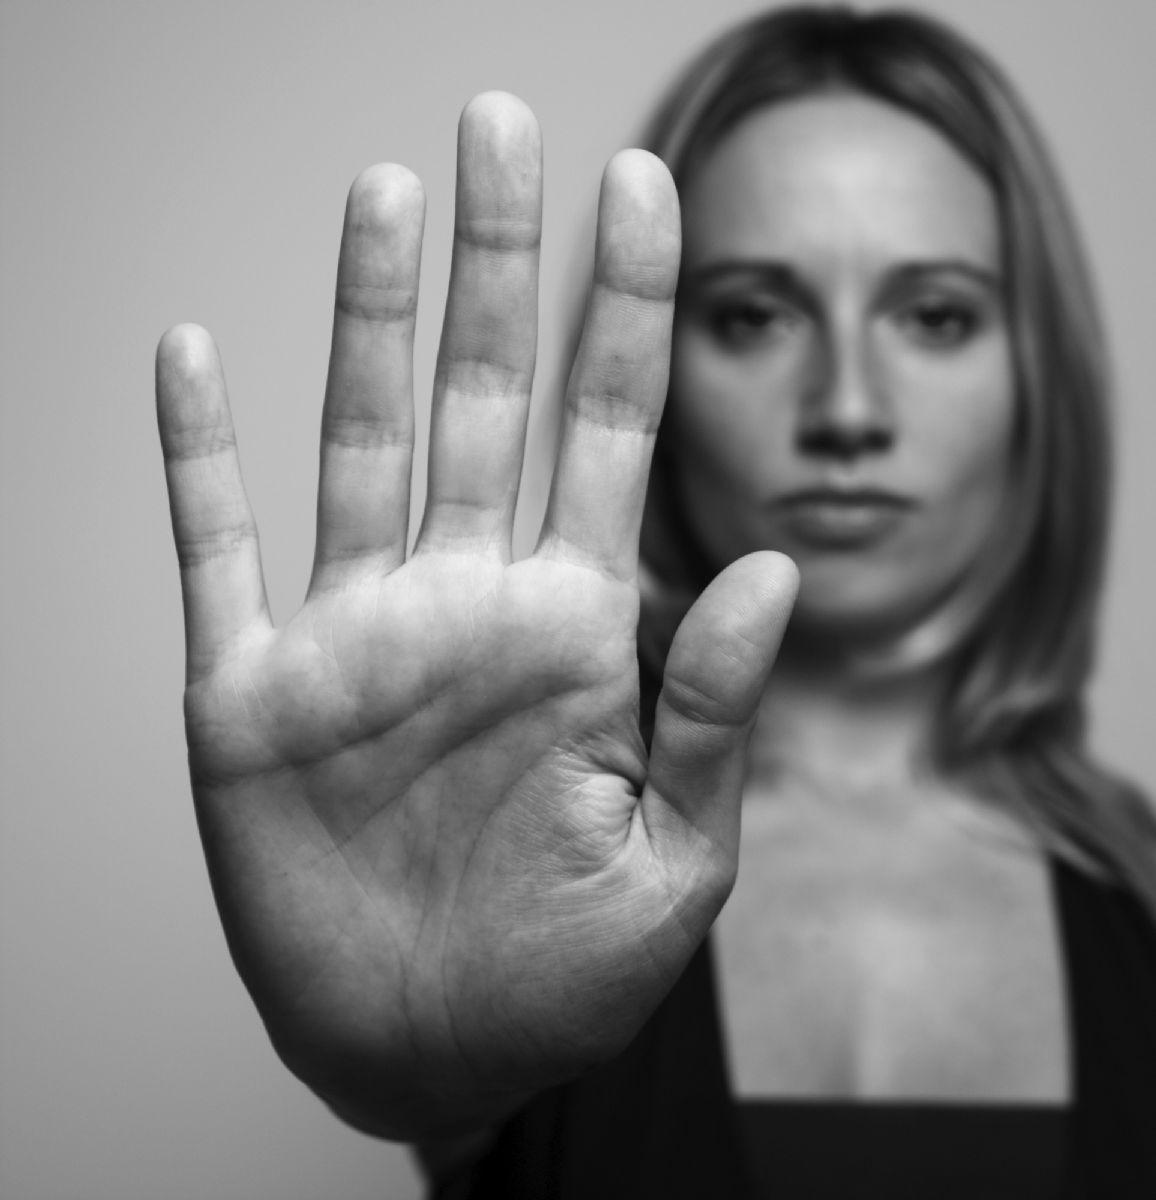 Nasce l'associazione Il Nastro Rosa contro la violenza di genere e sui bambini